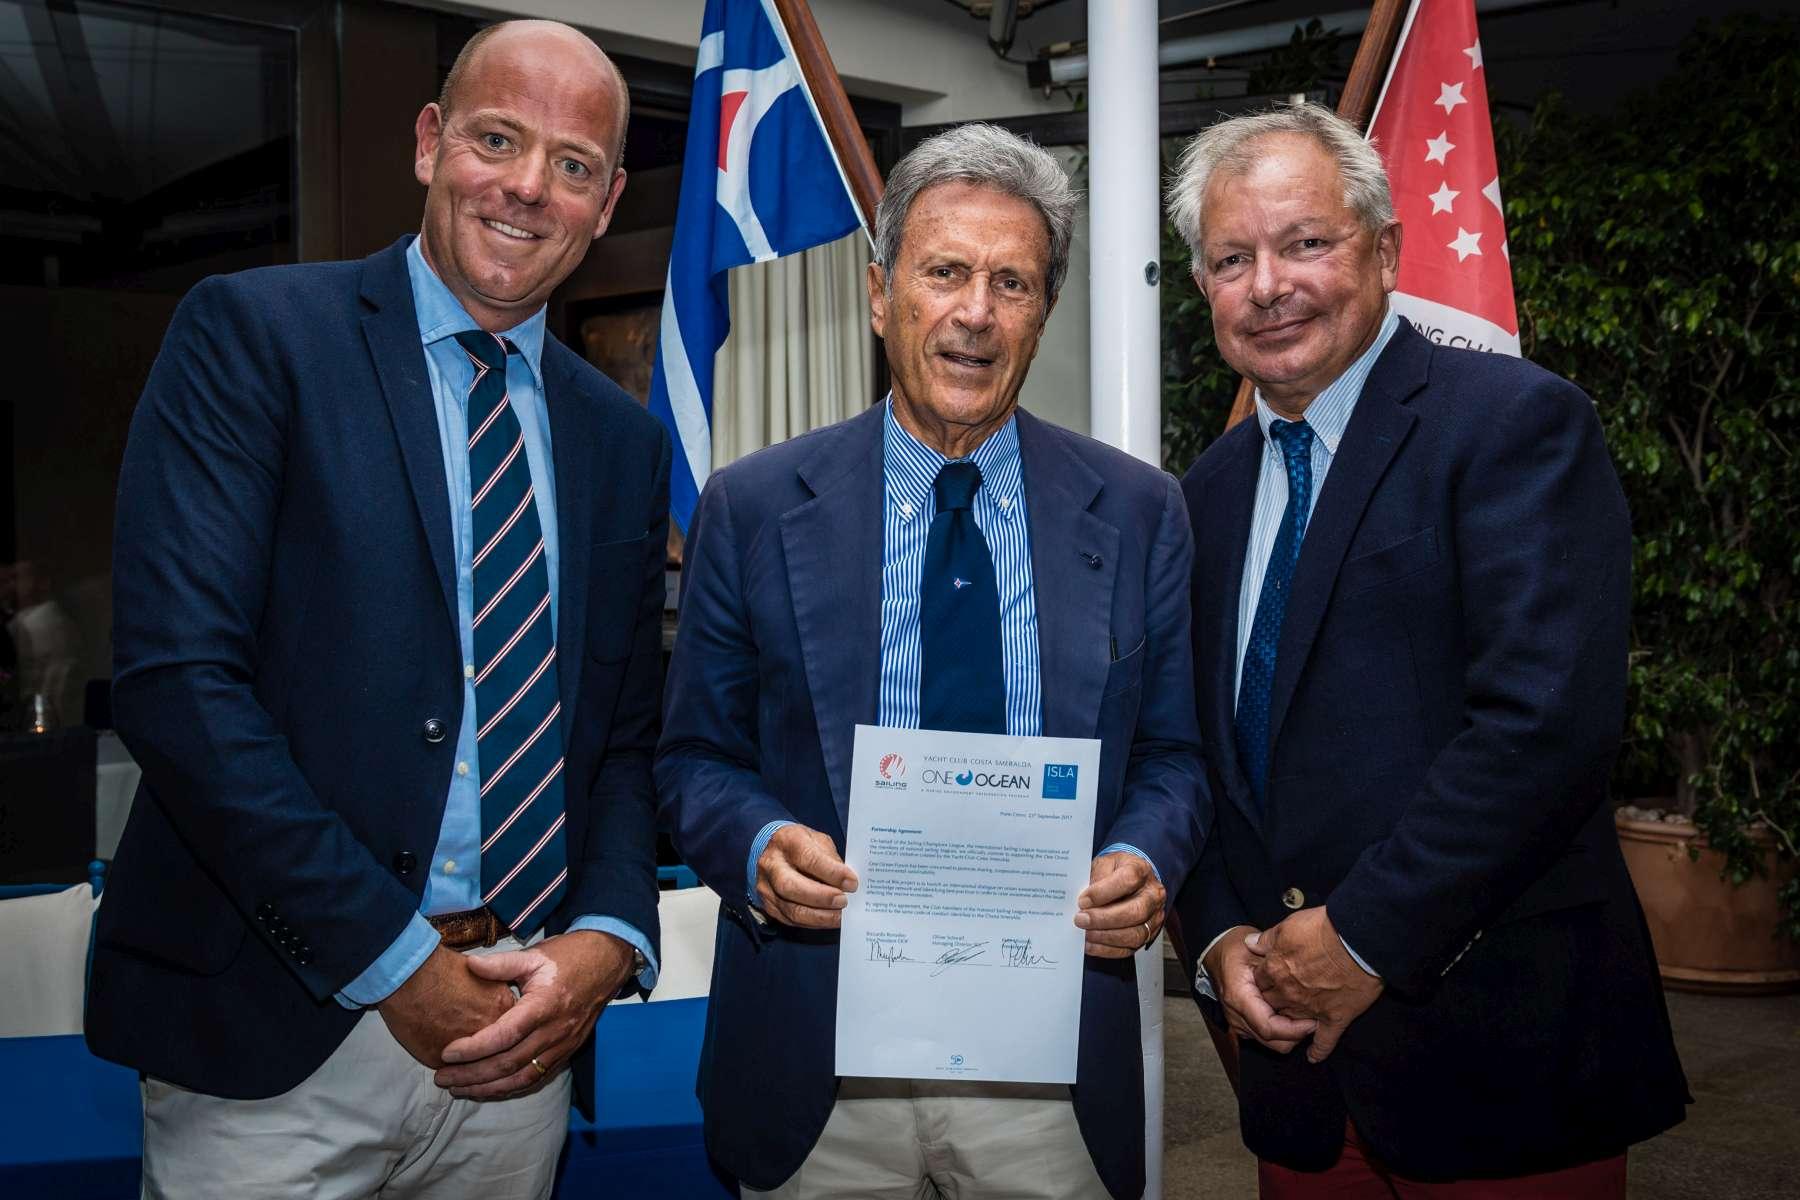 150mila sportivi coinvolti nella protezione dell'ambiente marino - NEWS - Yacht Club Costa Smeralda